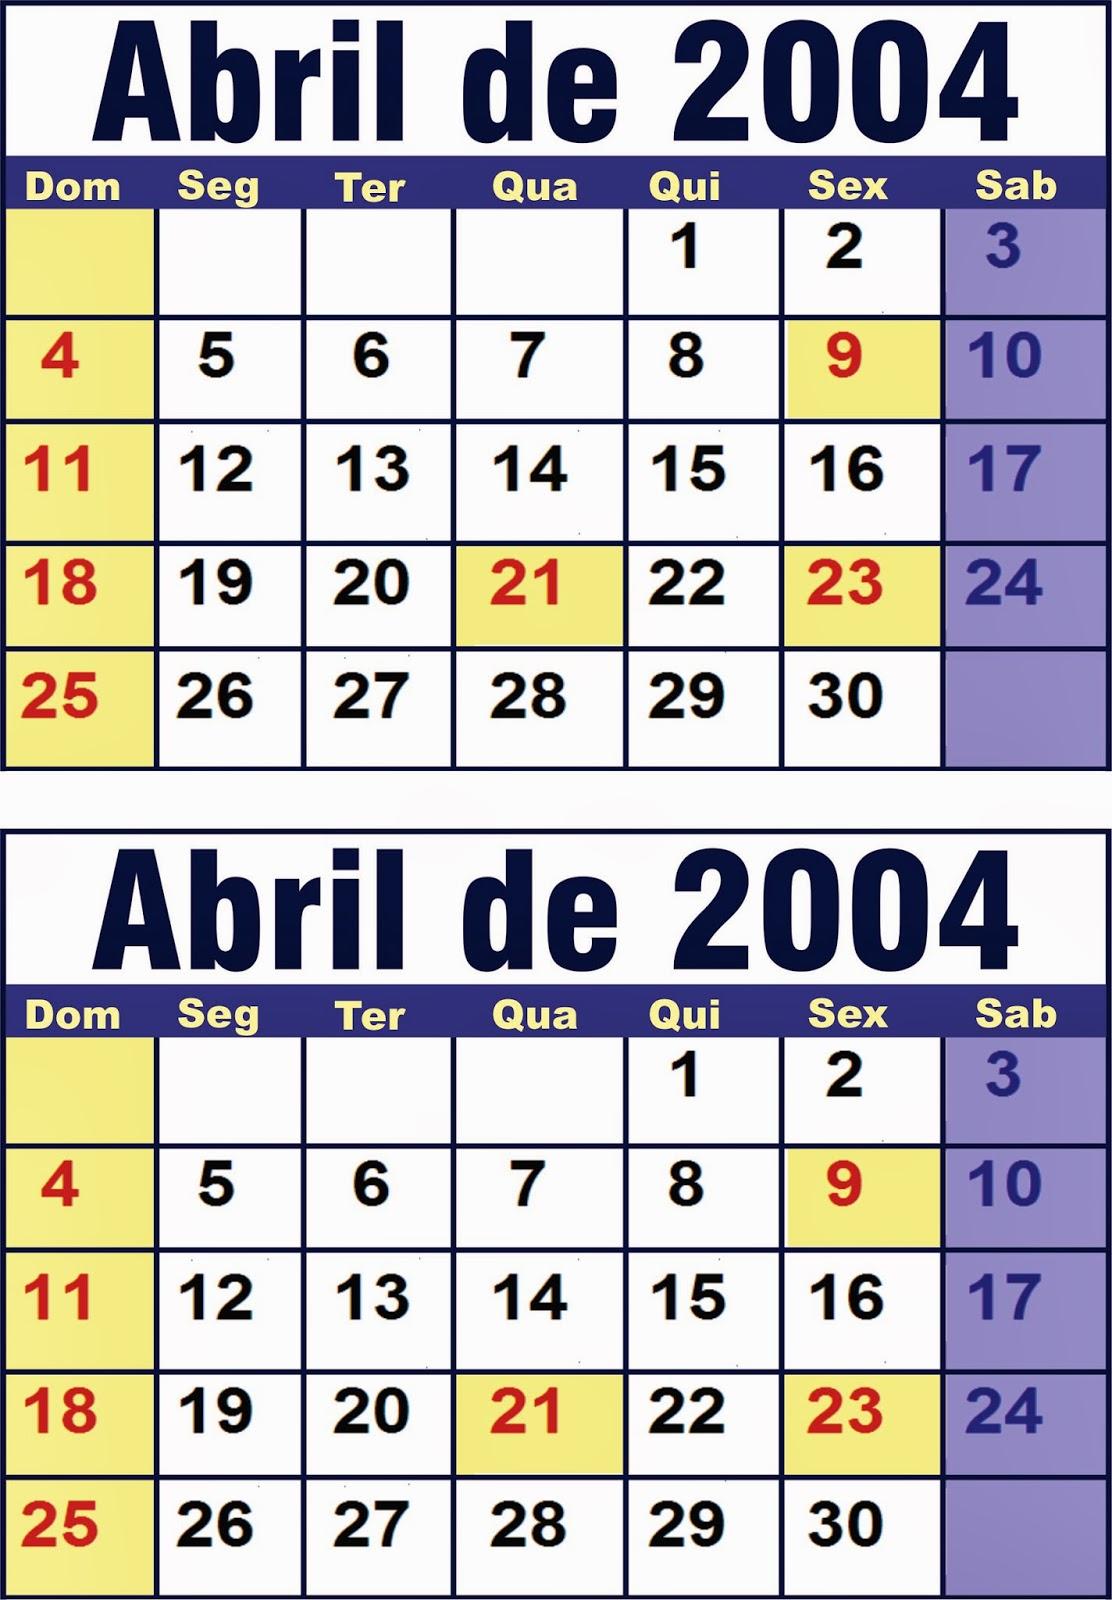 21 de abril 2004: